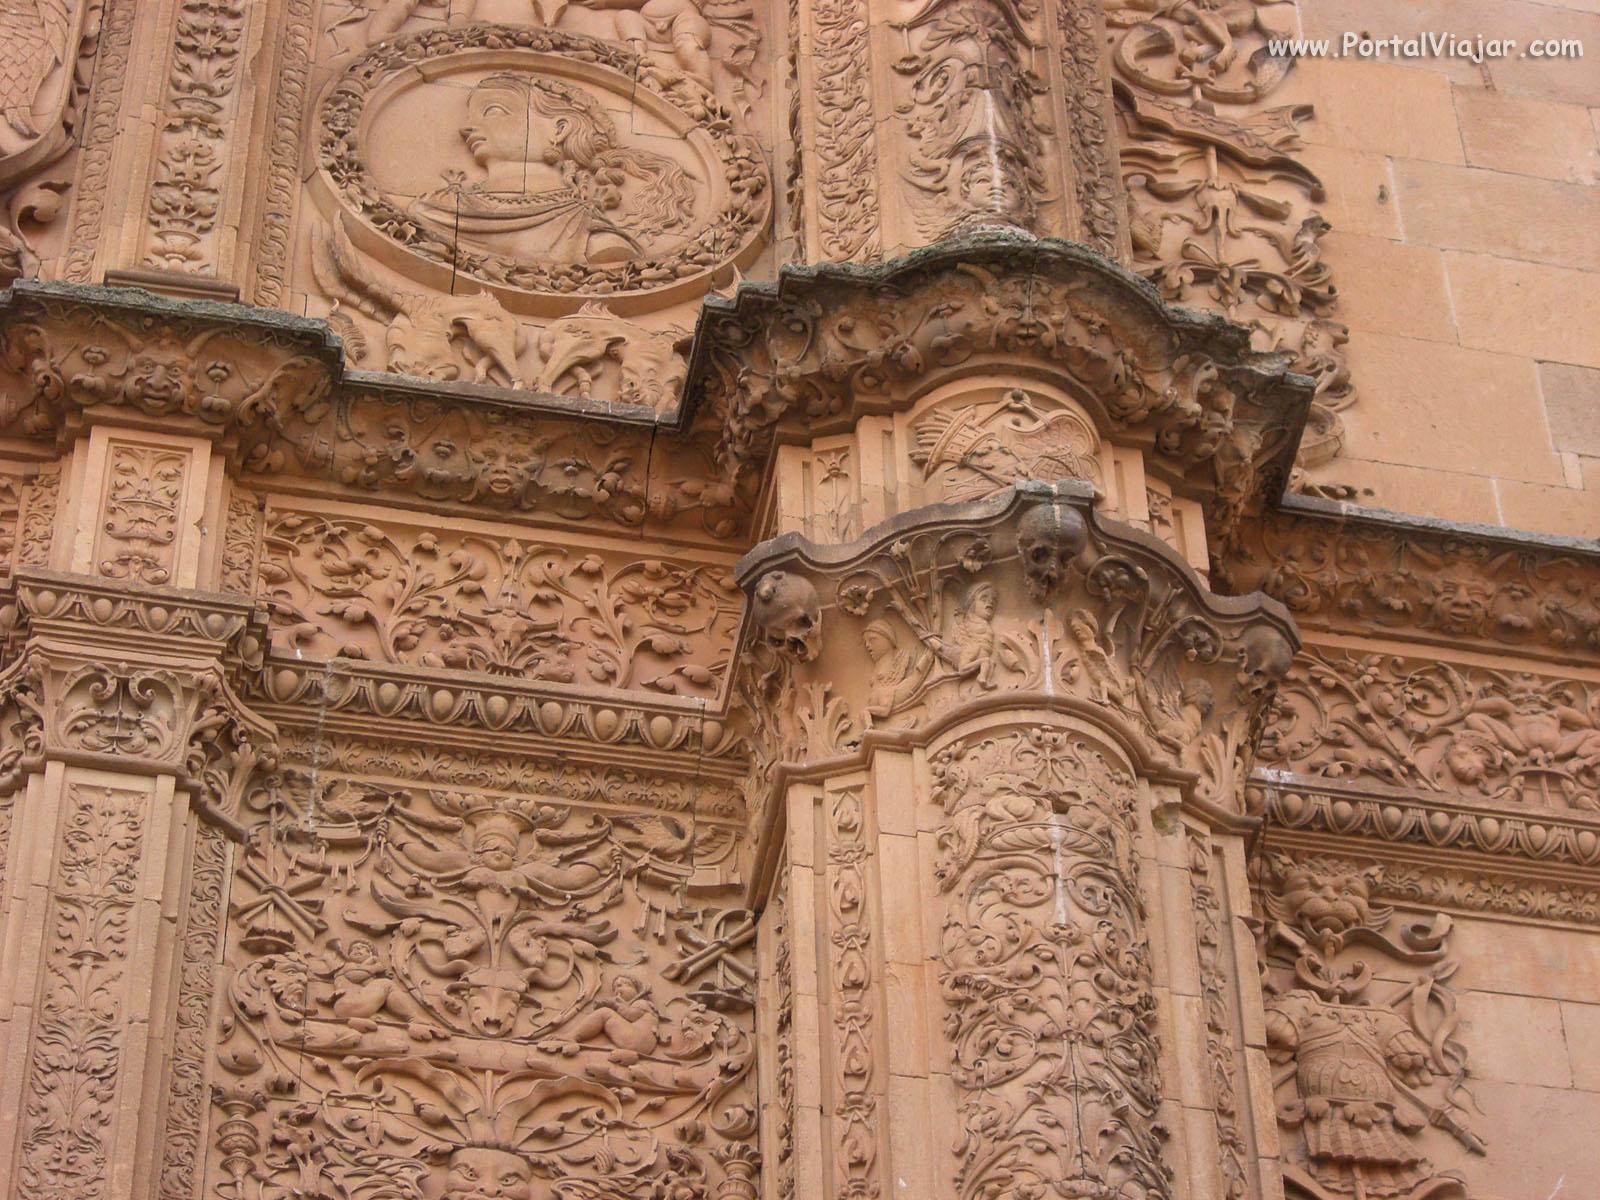 Rana en la Fachada de la Universidad (Salamanca)